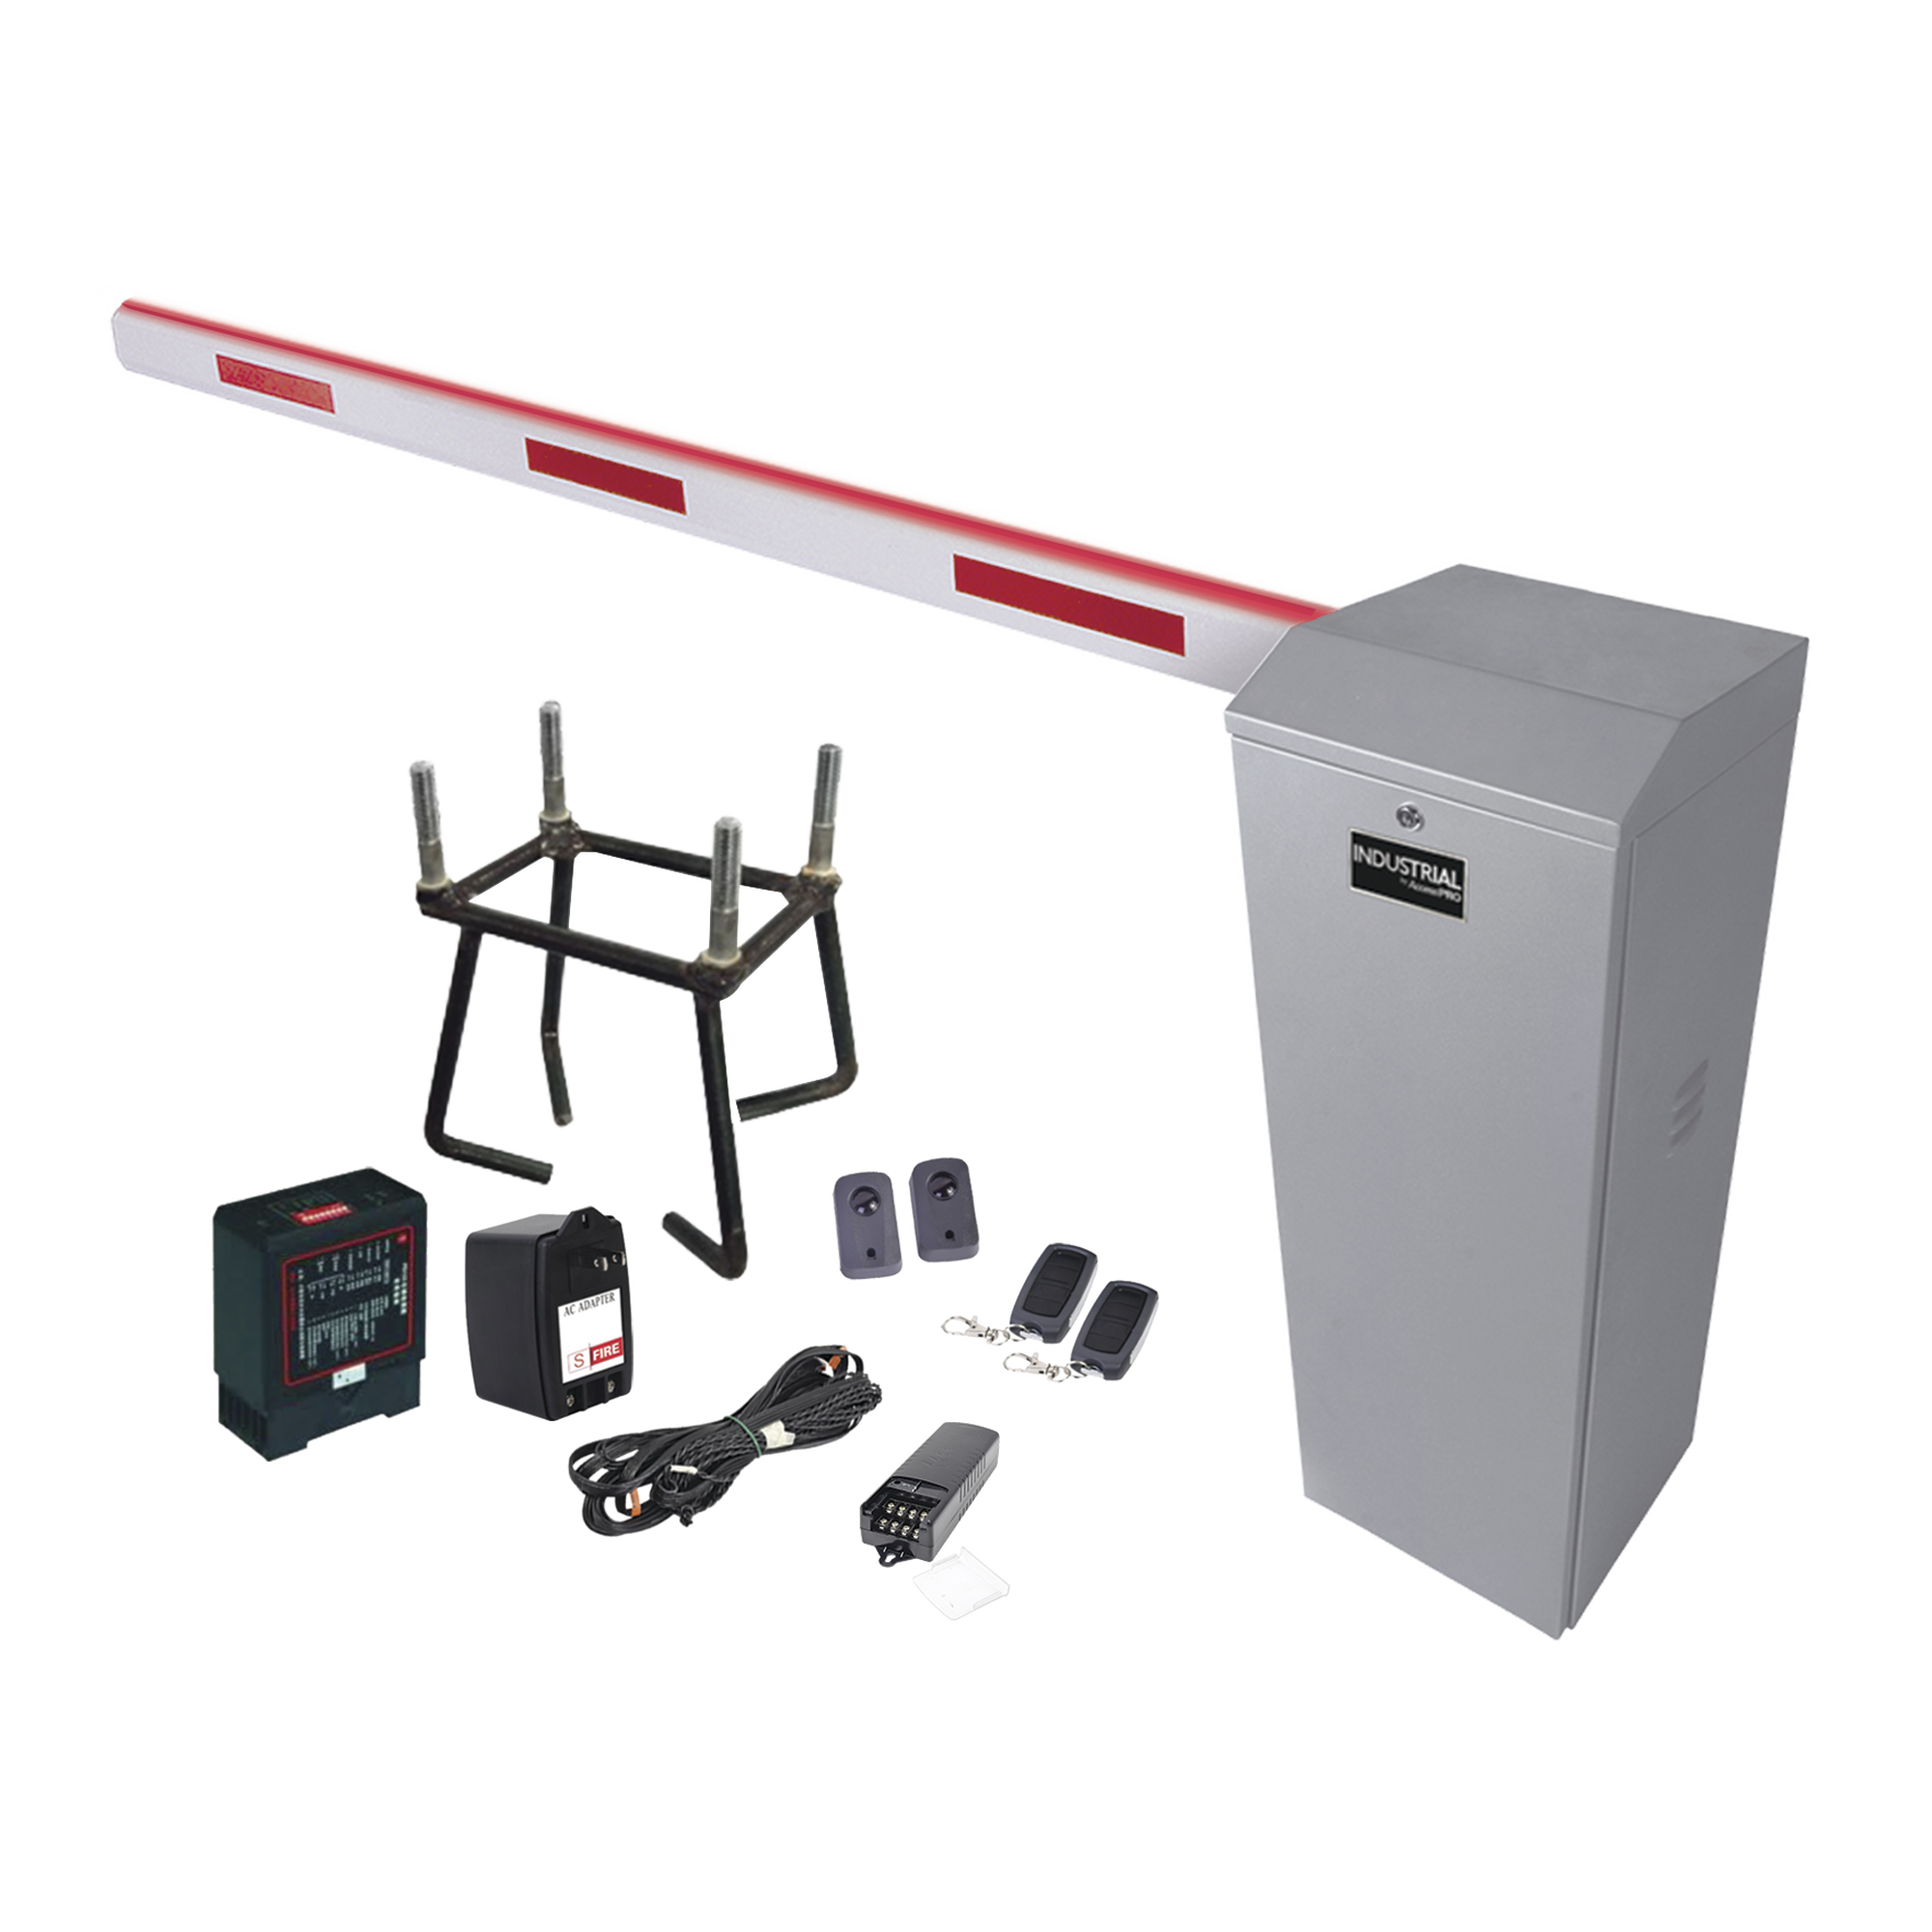 Kit COMPLETO Barrera Izquierda XB  / 5M / Iluminación LED Rojo-Verde / Incluye Sensor de masa, Transformador, Lazo, Ancla, Fotoceldas y 2 Controles Inalámbricos